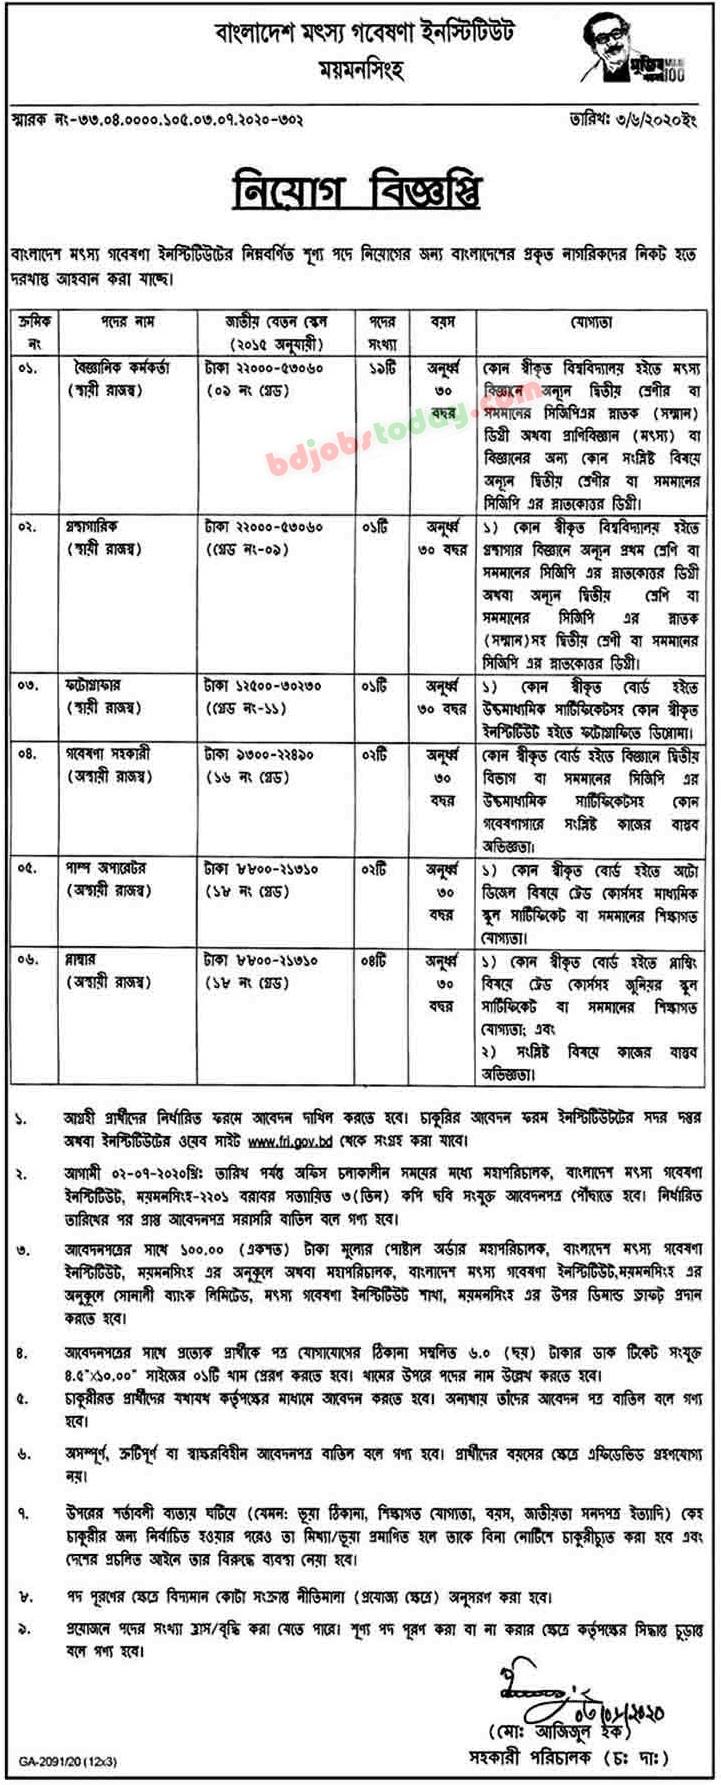 Bangladesh Fisheries Research Institute FRI Job Circular 2020